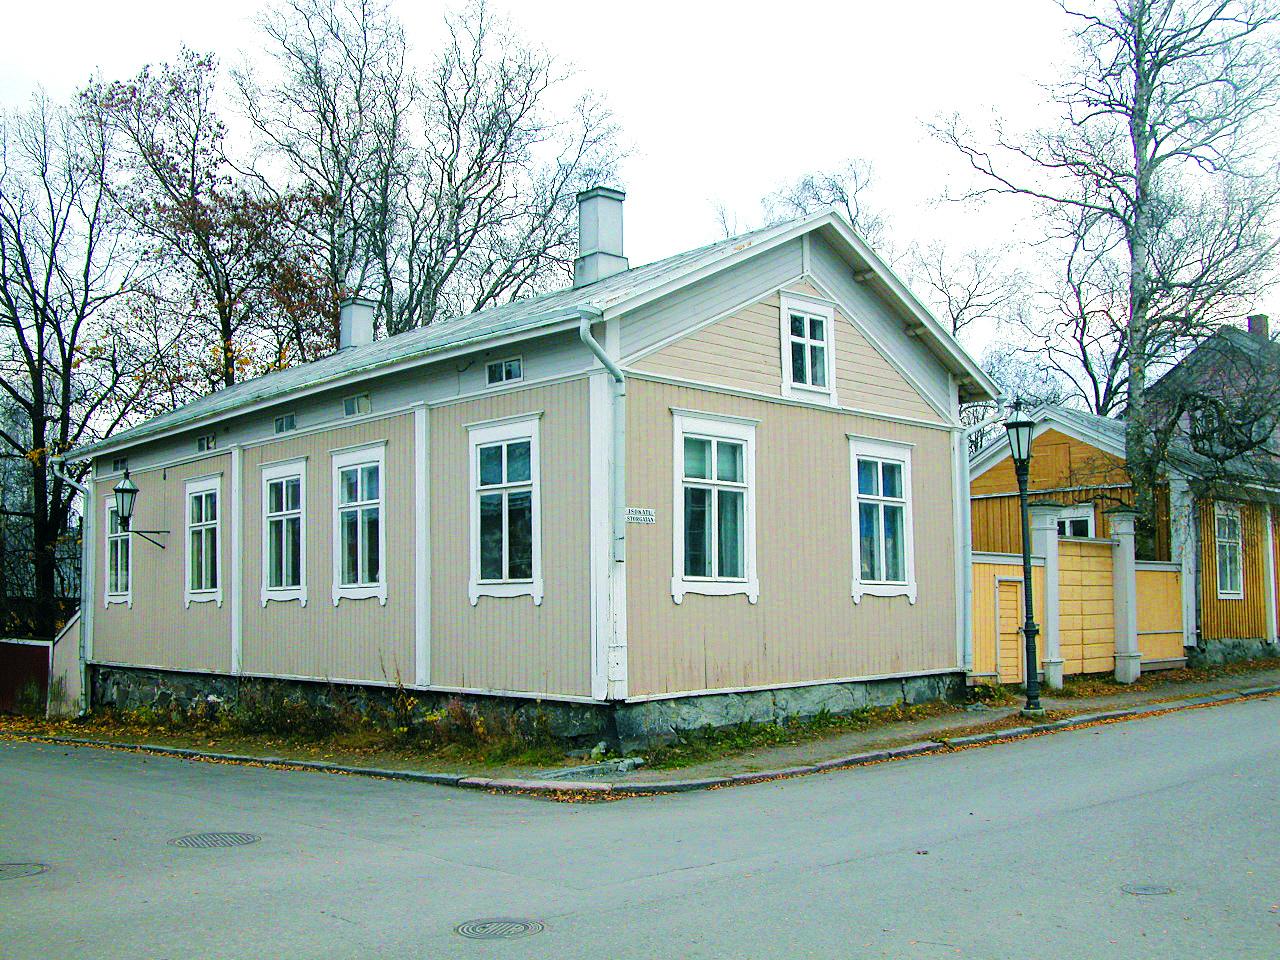 Vaaleanpunainen Hongellin talo sijaitsee Neristanissa Isollakadulla.